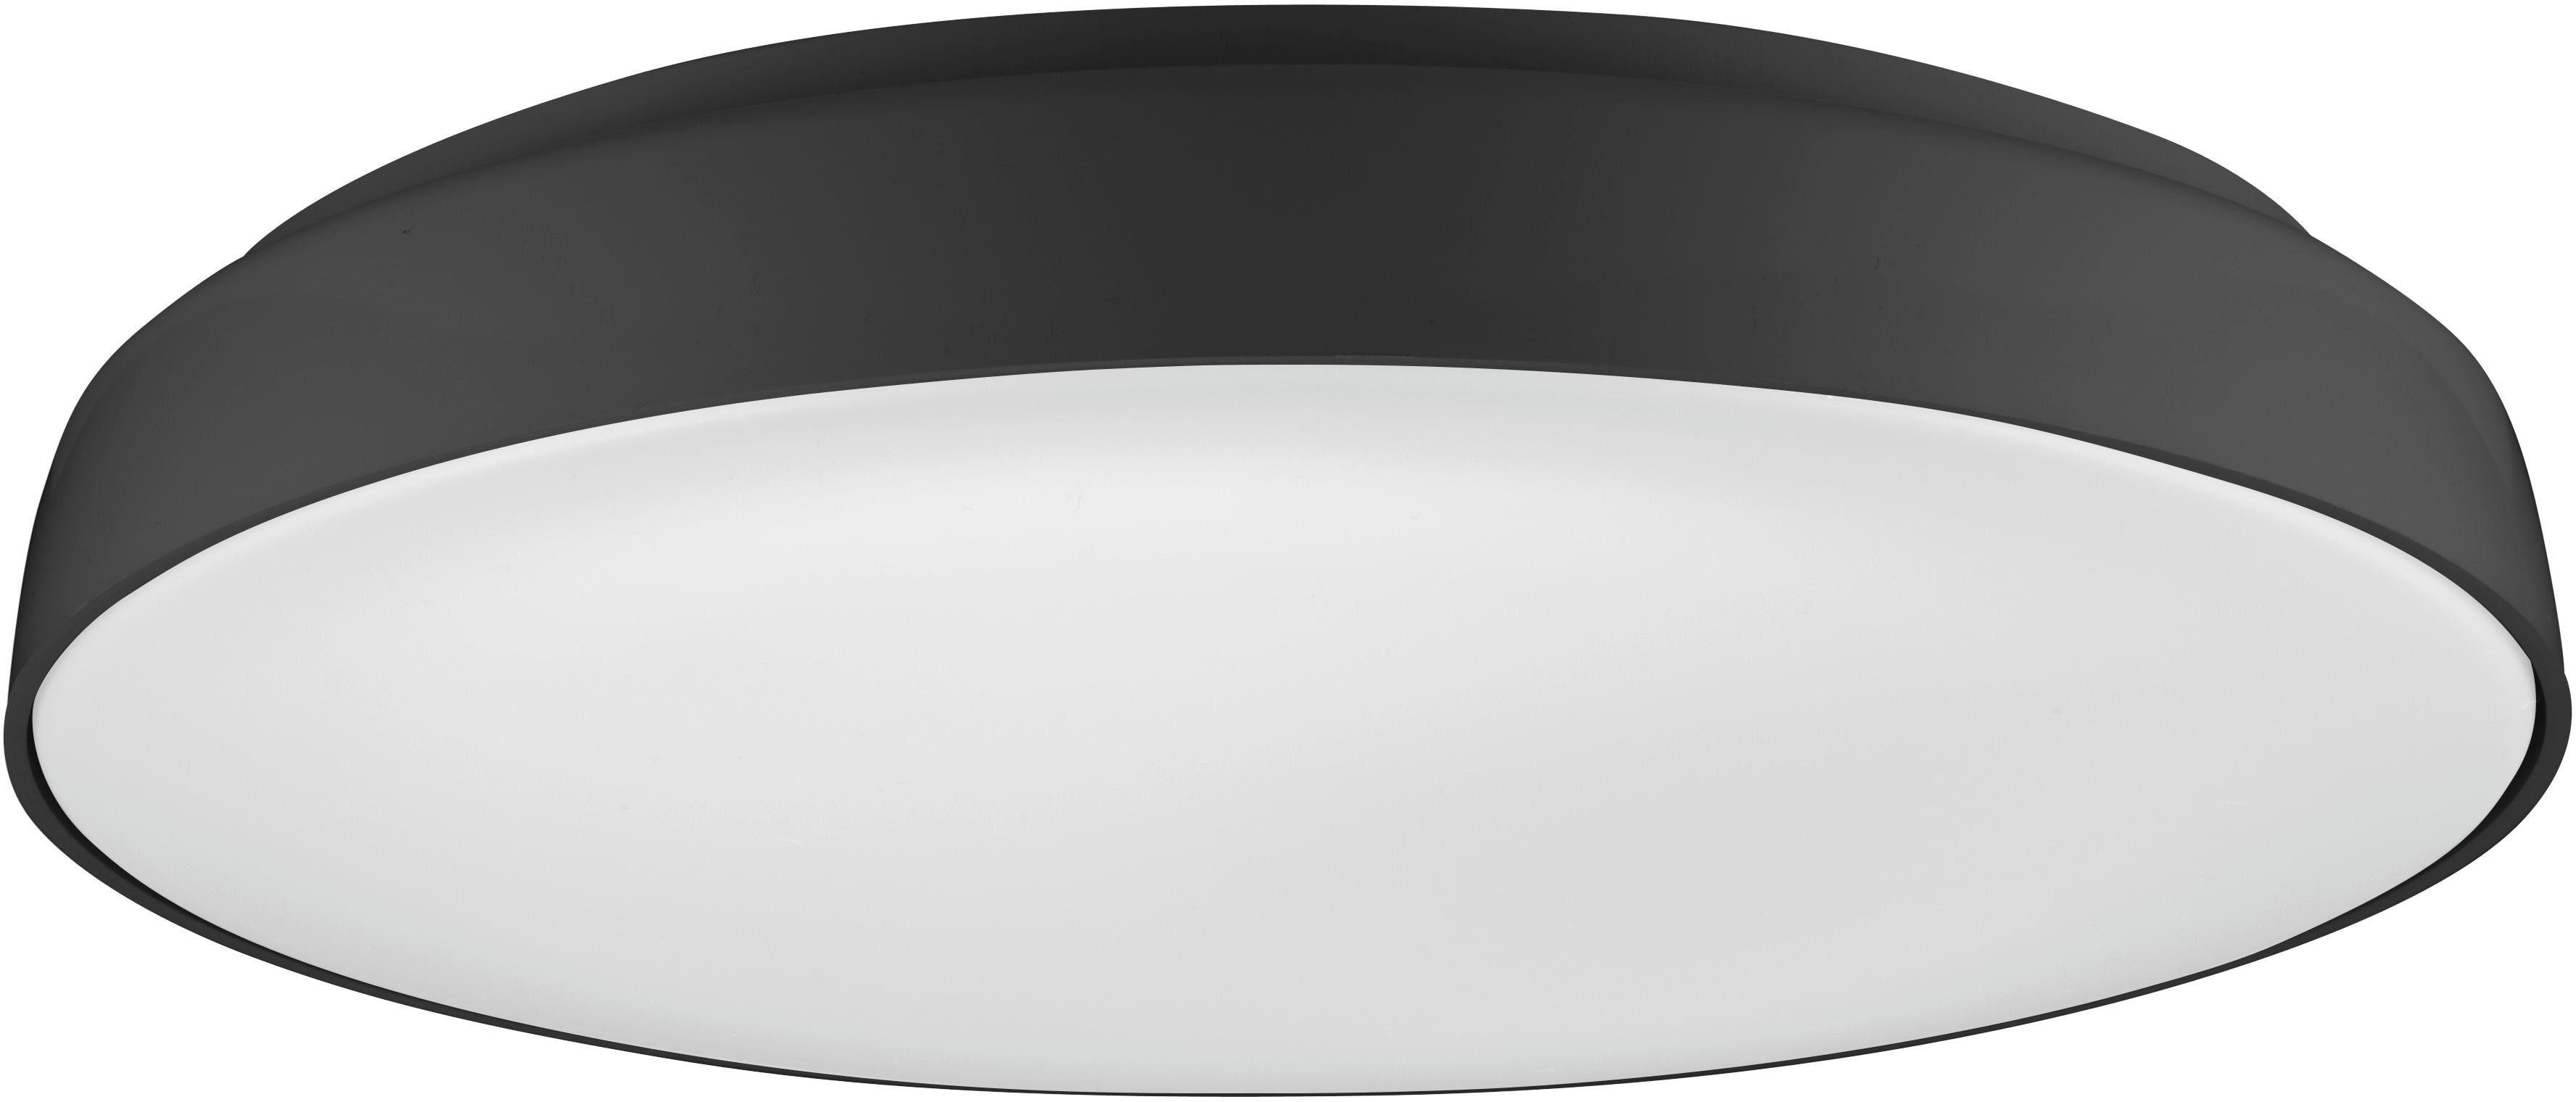 WOFI Deckenleuchte JUNA, LED-Board, Warmweiß, Deckenlampe